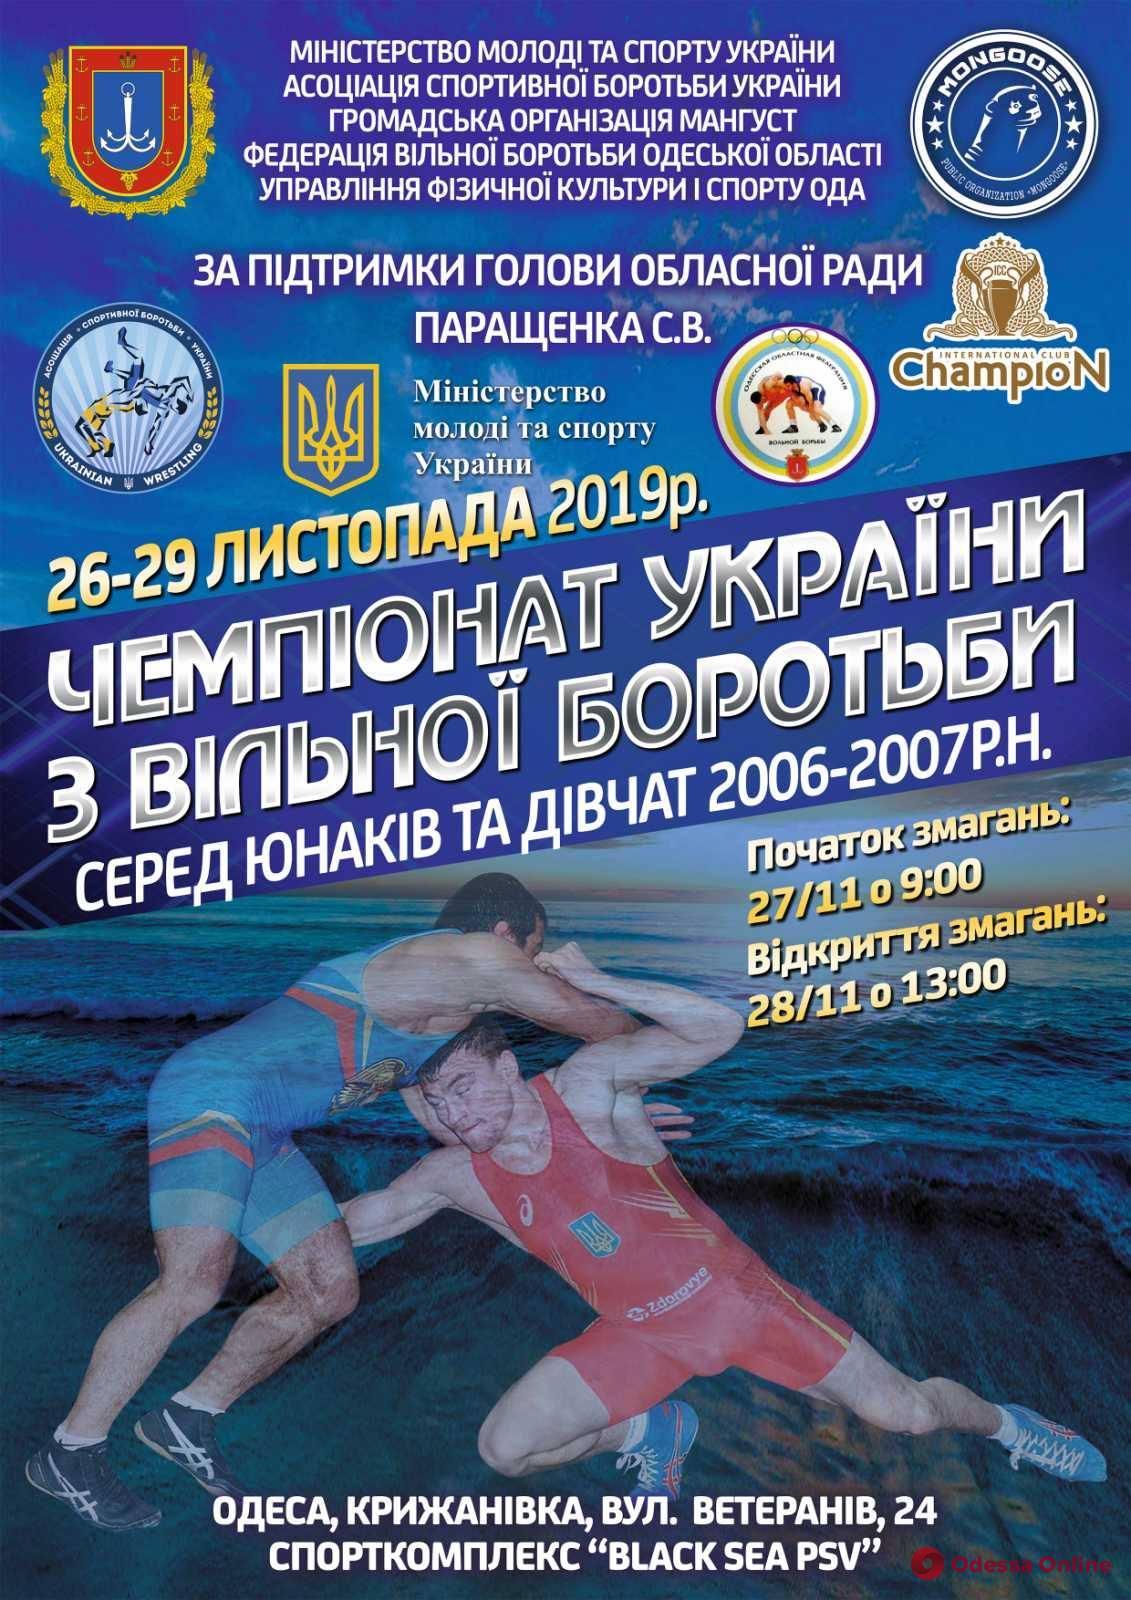 В Крыжановке пройдет чемпионат Украины по вольной борьбе